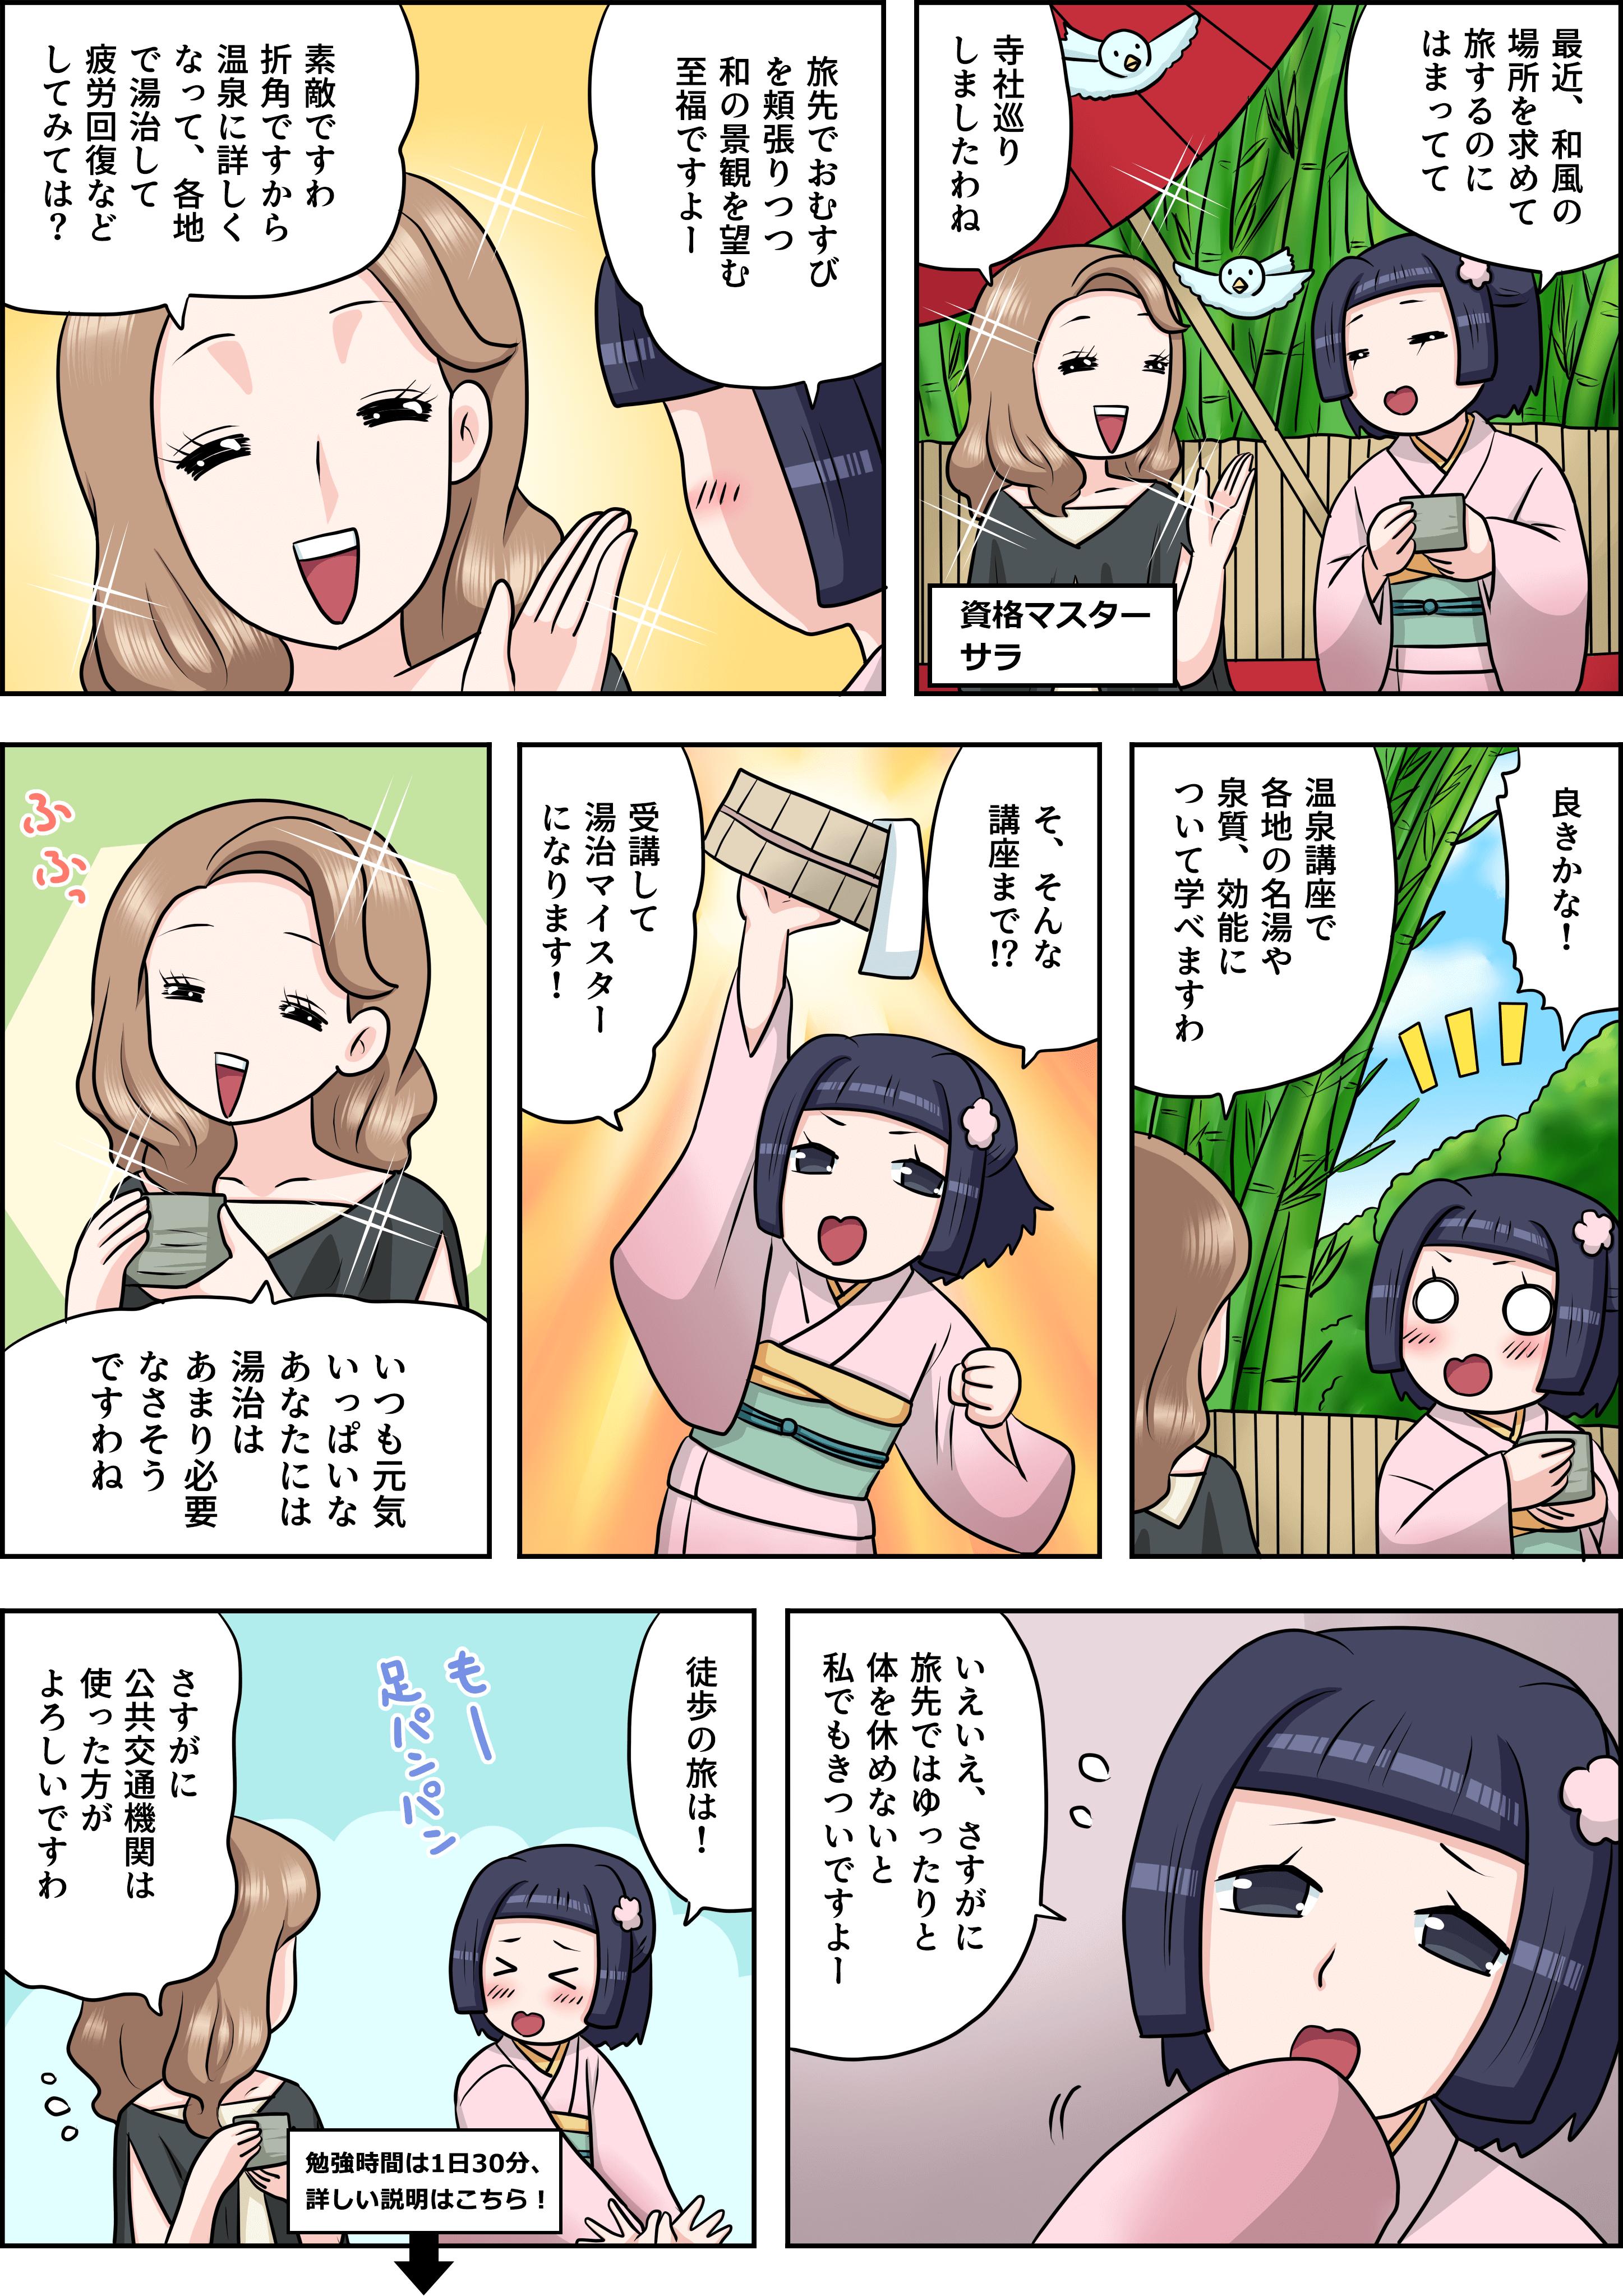 温泉の漫画